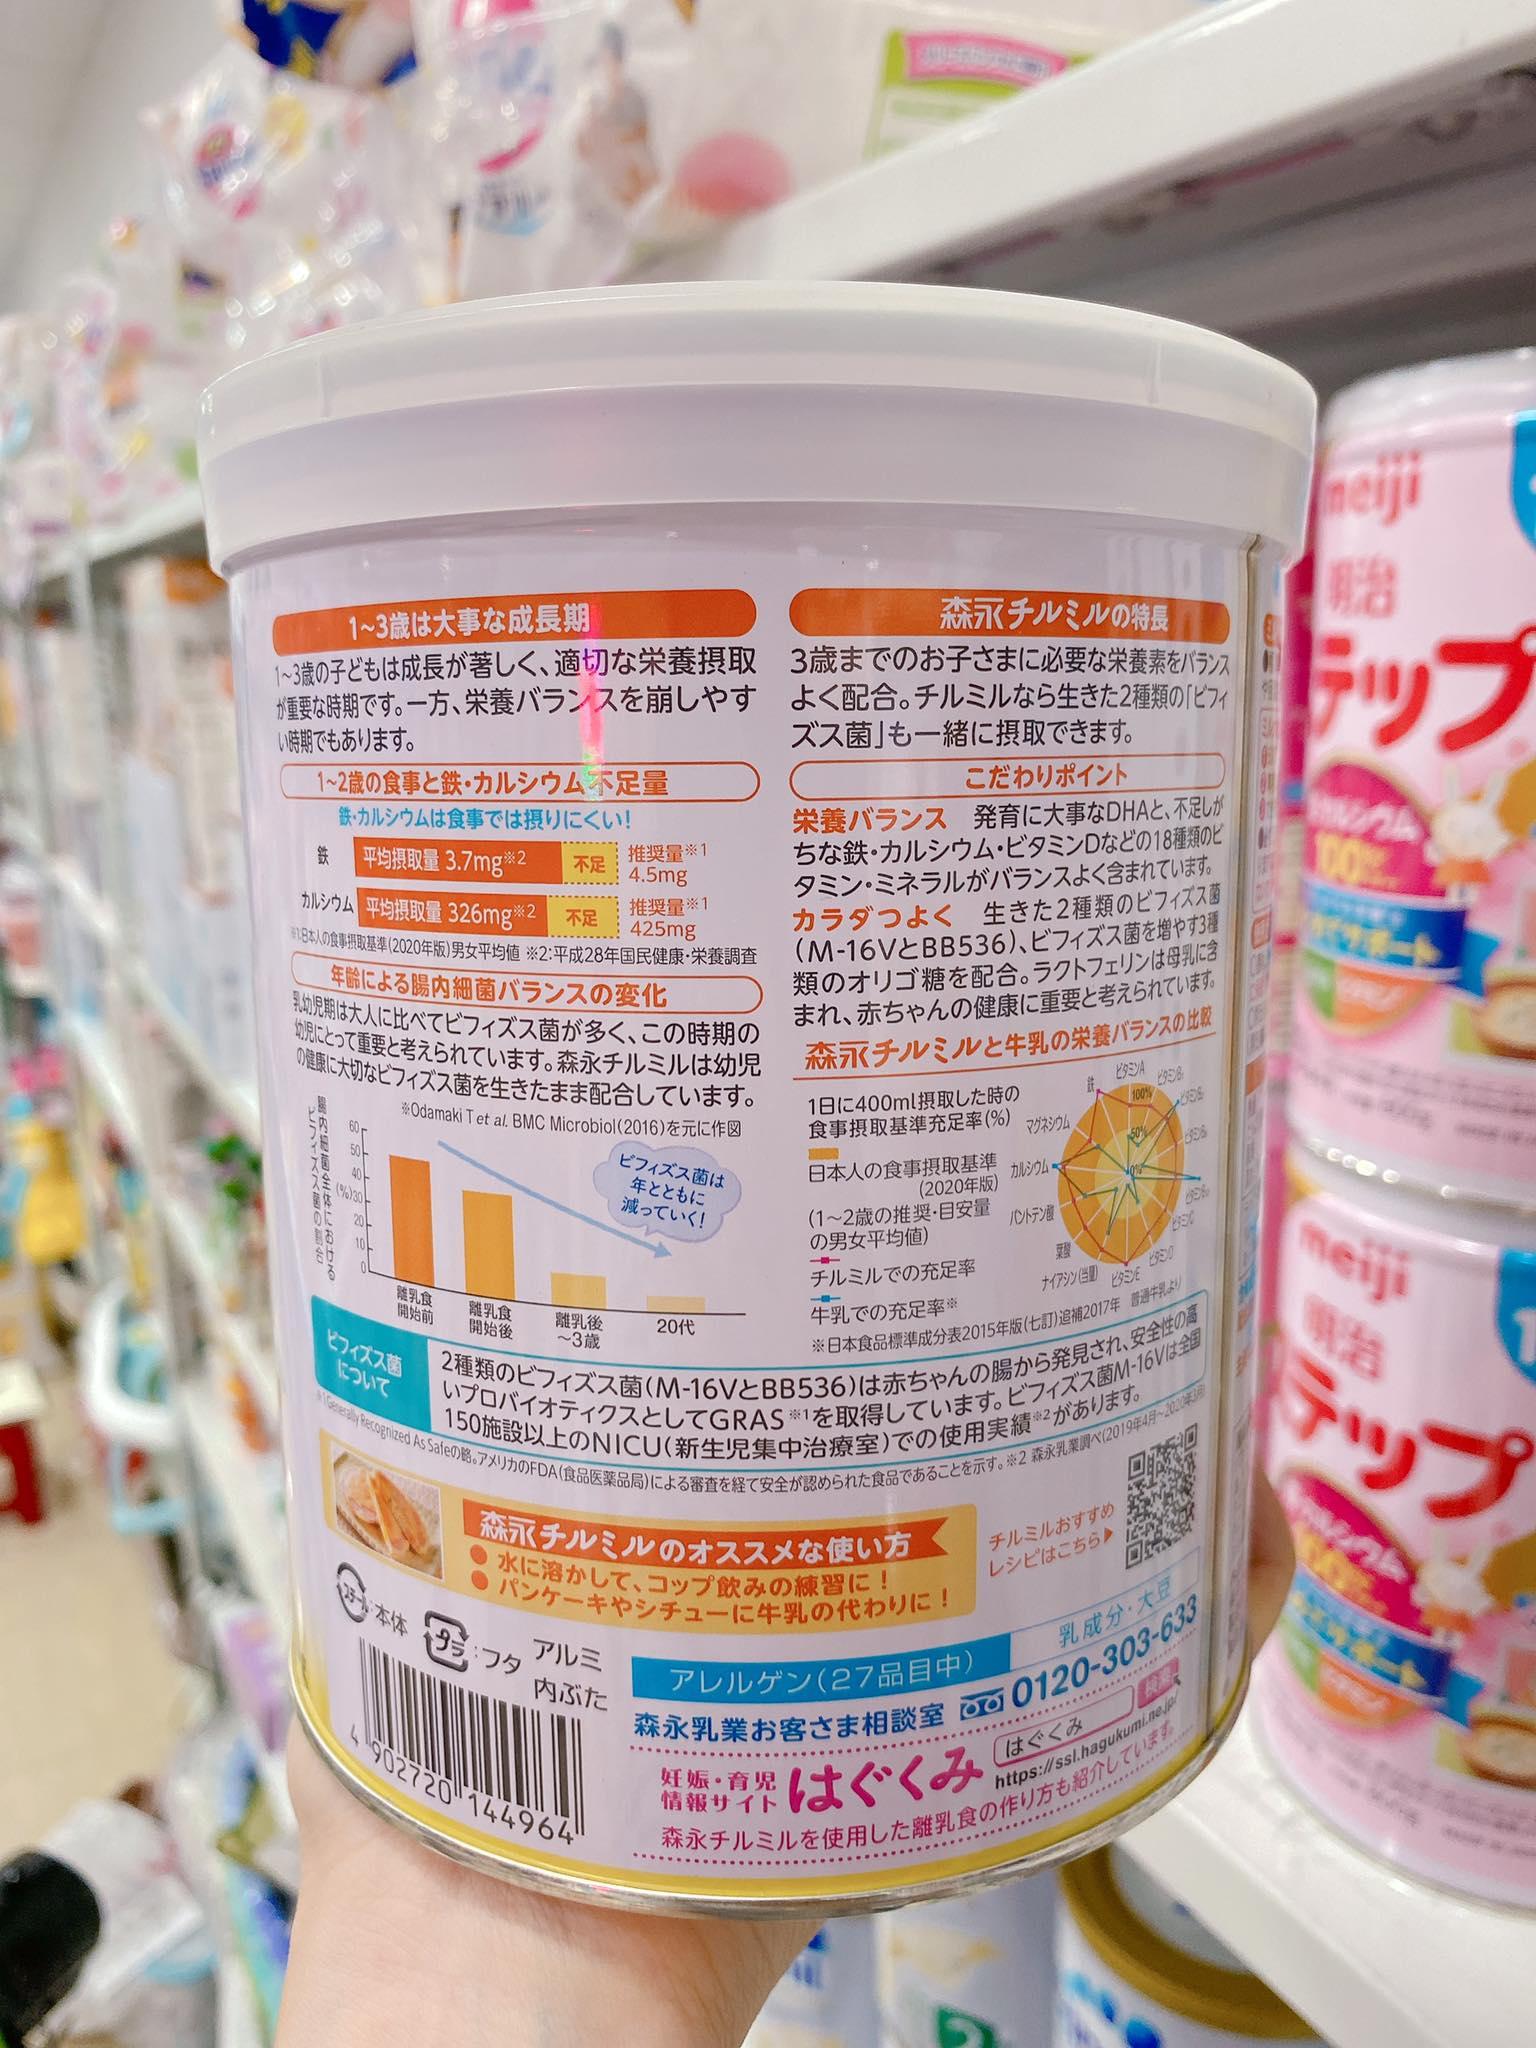 Sữa Morinaga Nội Địa 1 - 3 ( Dành cho bé từ 1 - 3 tuổi )